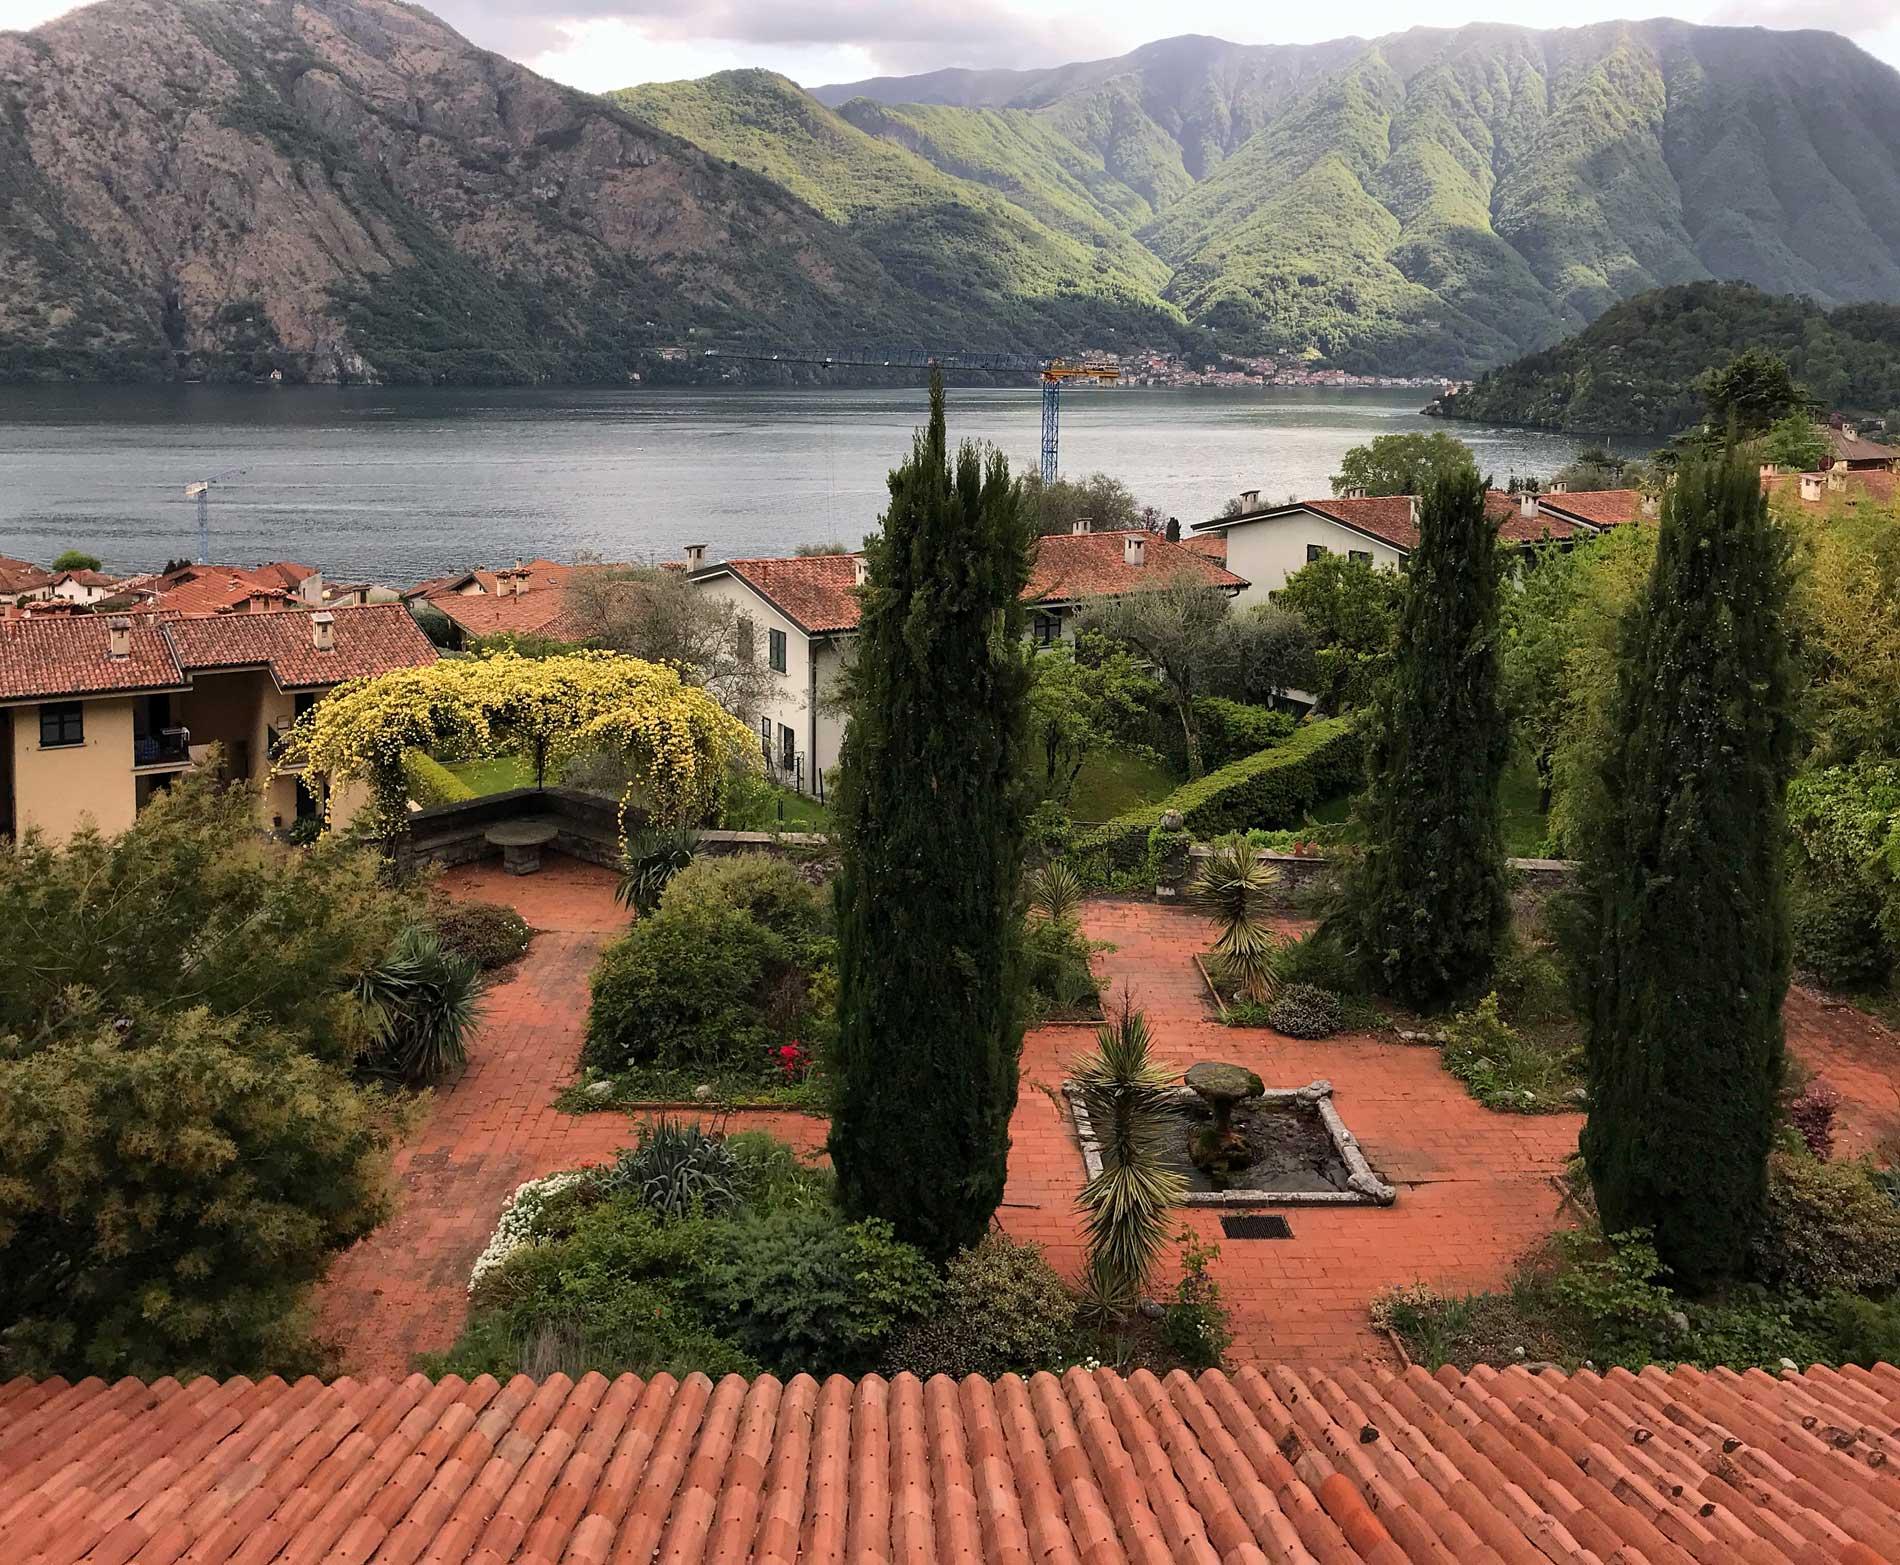 Mezzegra-Greenway-del-Lago-di-Como-case-giardino-cipressi